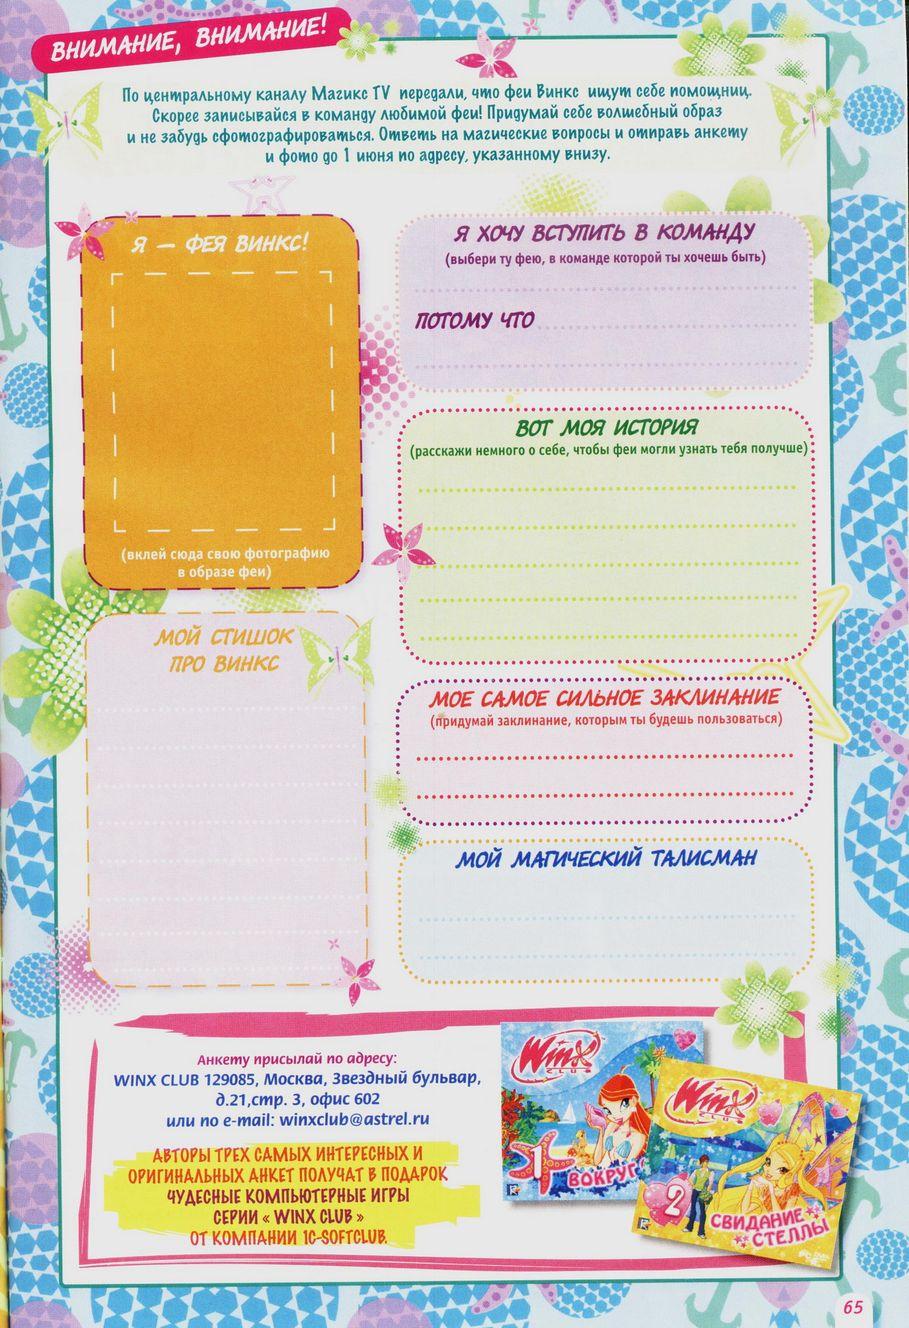 Комикс Винкс Winx - Надежда и разочарование (Журнал Винкс №5 2011) - стр. 65